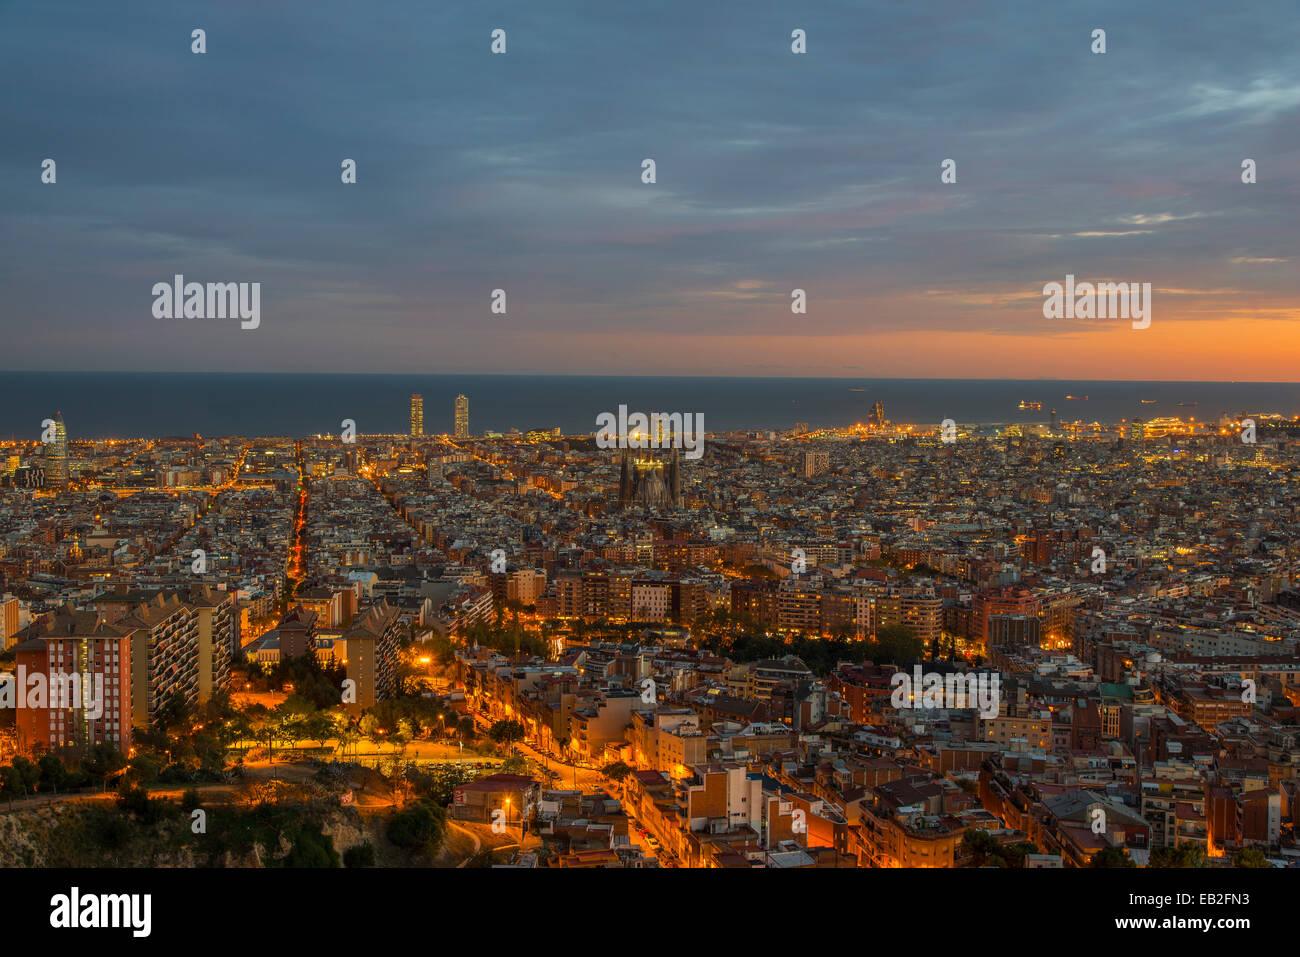 Sunset del horizonte de la ciudad de Barcelona, Cataluña, España Imagen De Stock